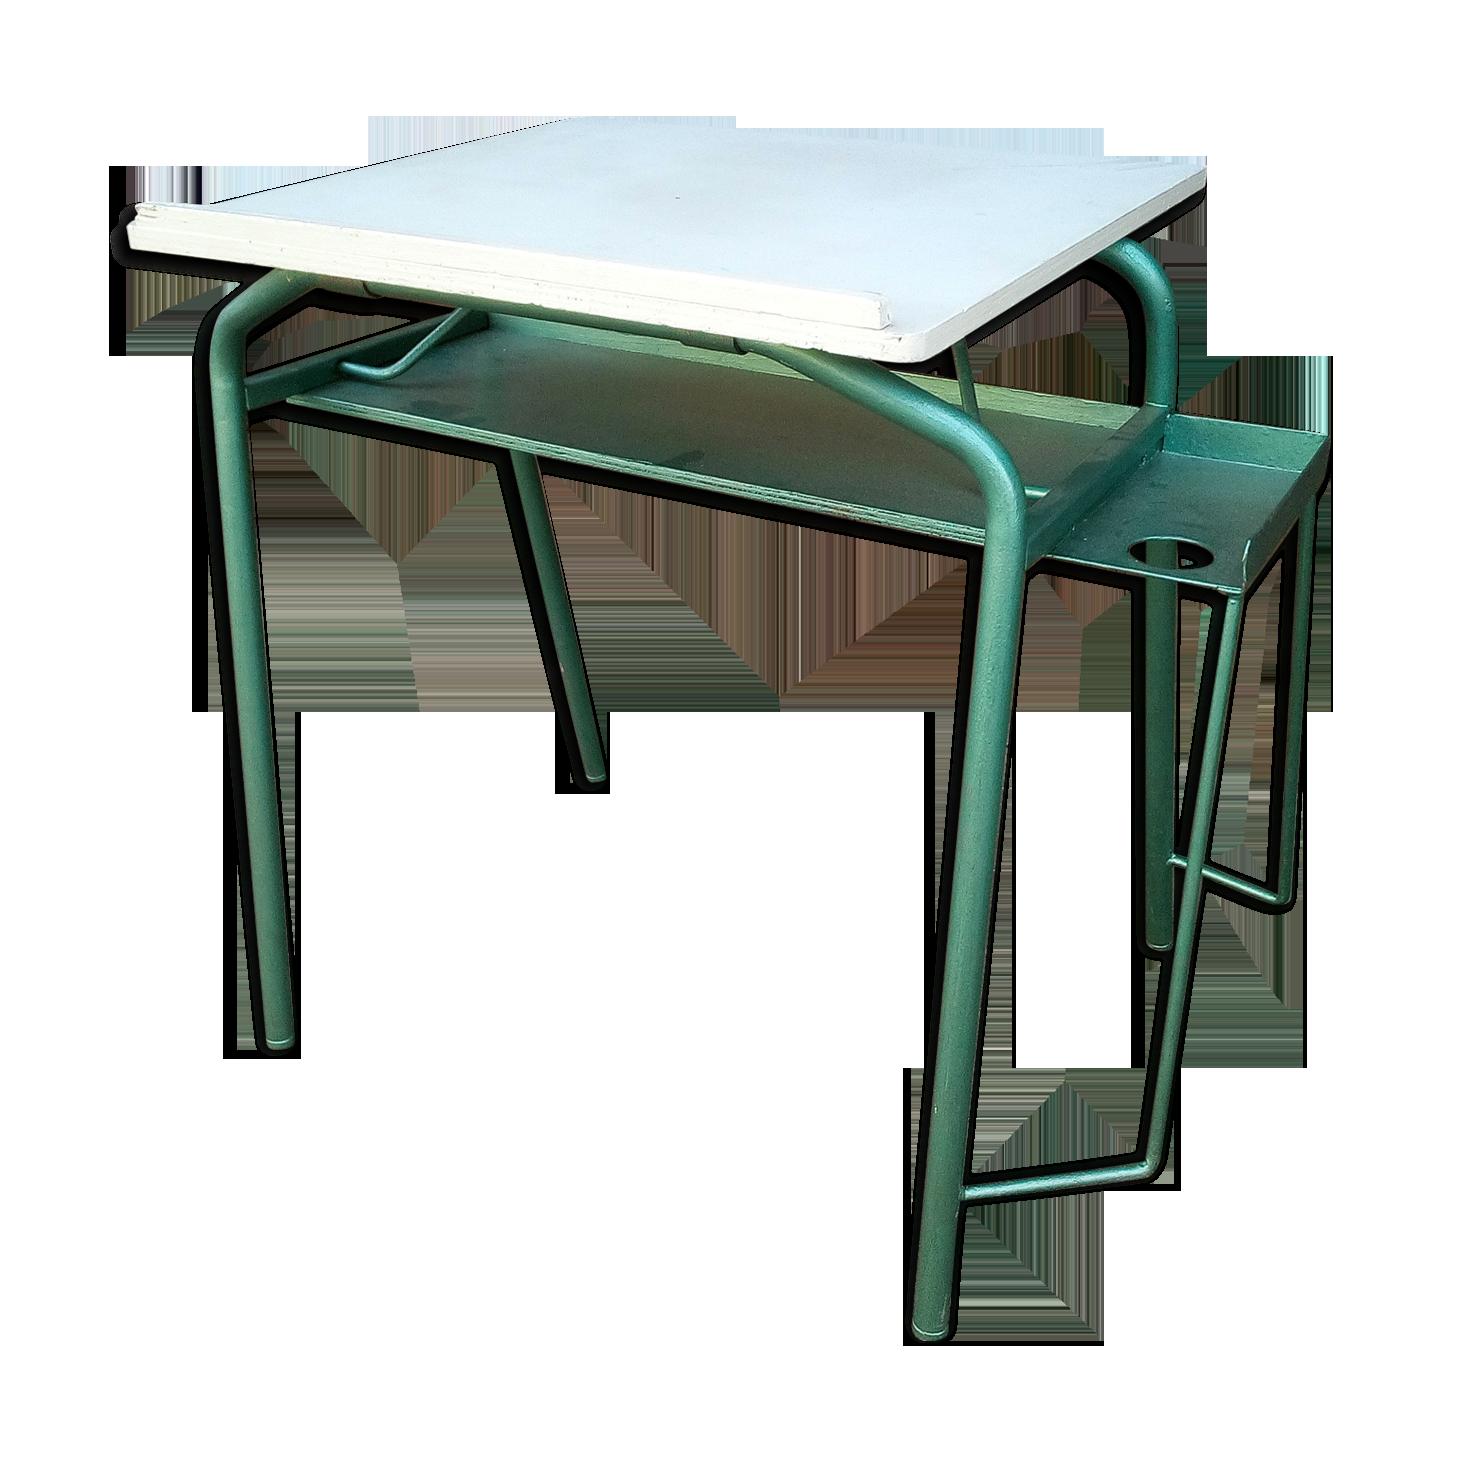 Bureau pour dessiner métal vert industriel c m uoa